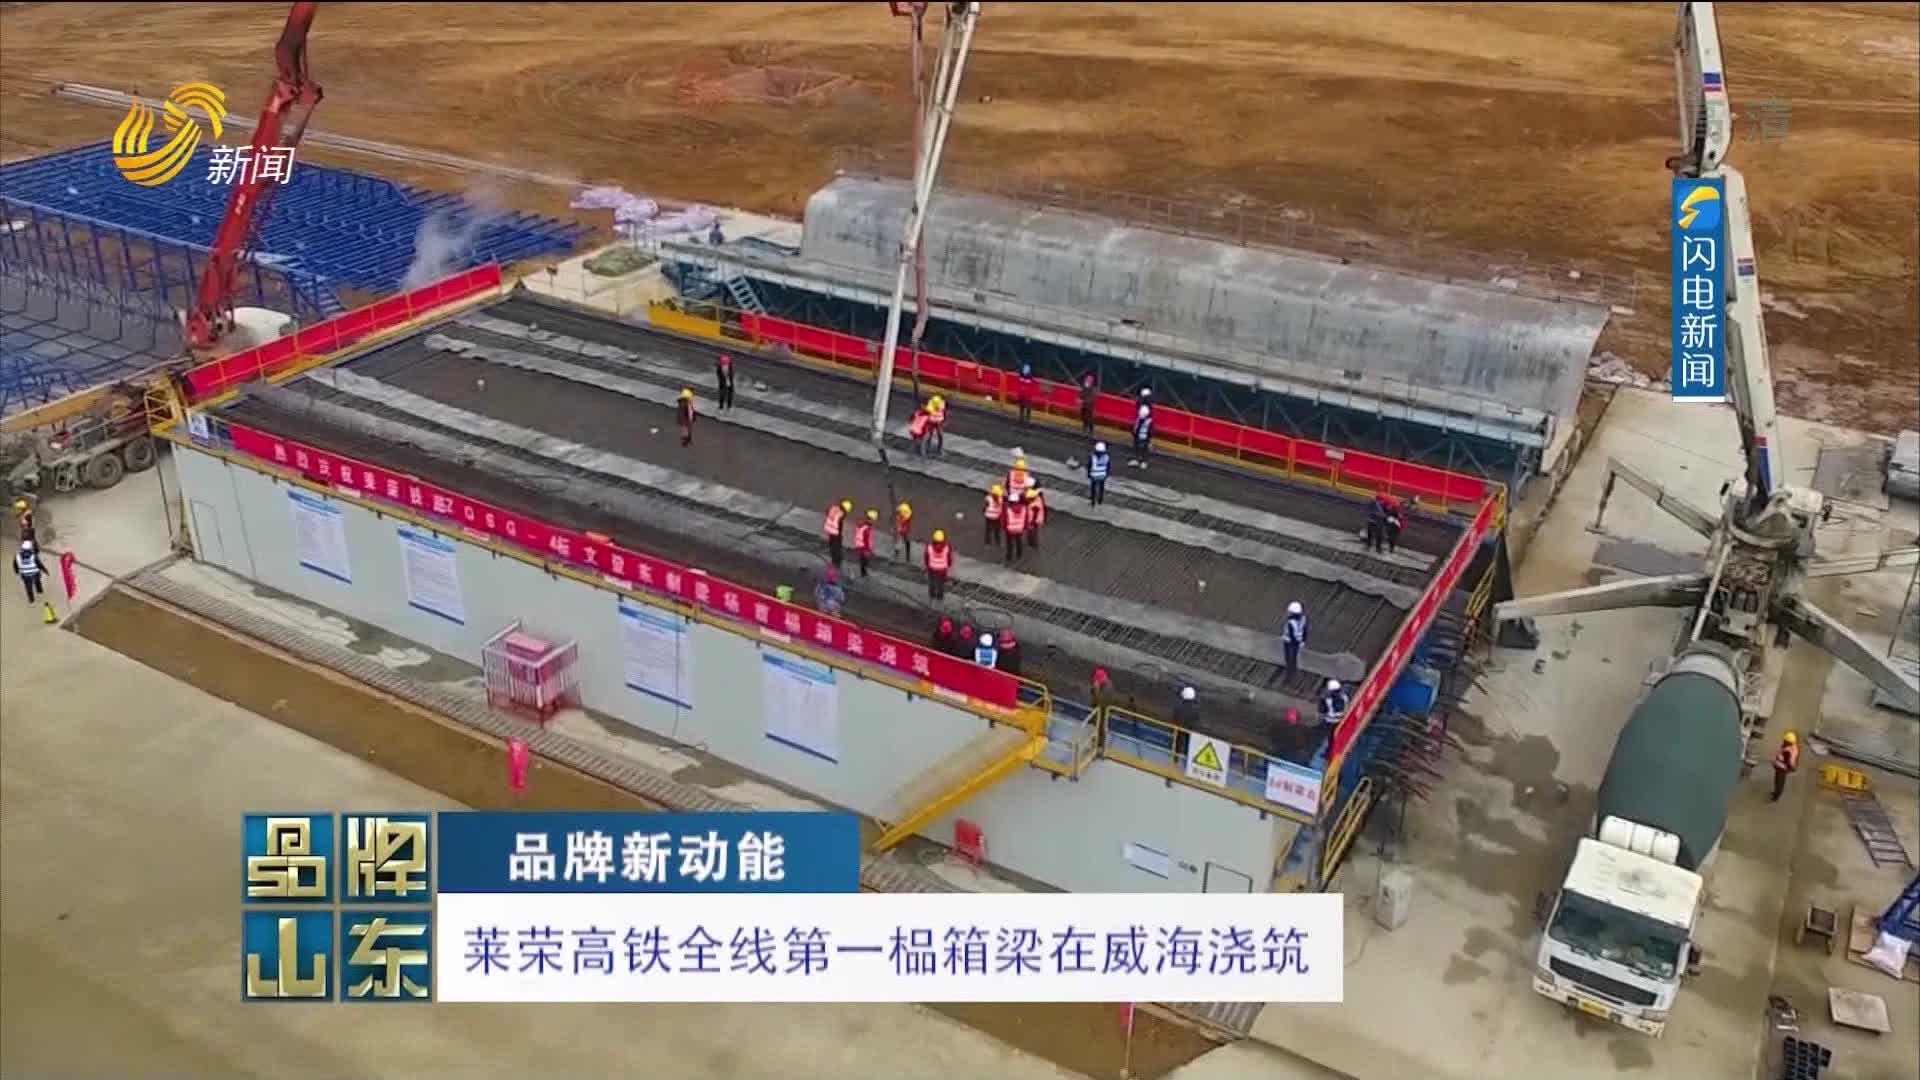 【品牌新动能】莱荣高铁全线第一榀箱梁在威海浇筑